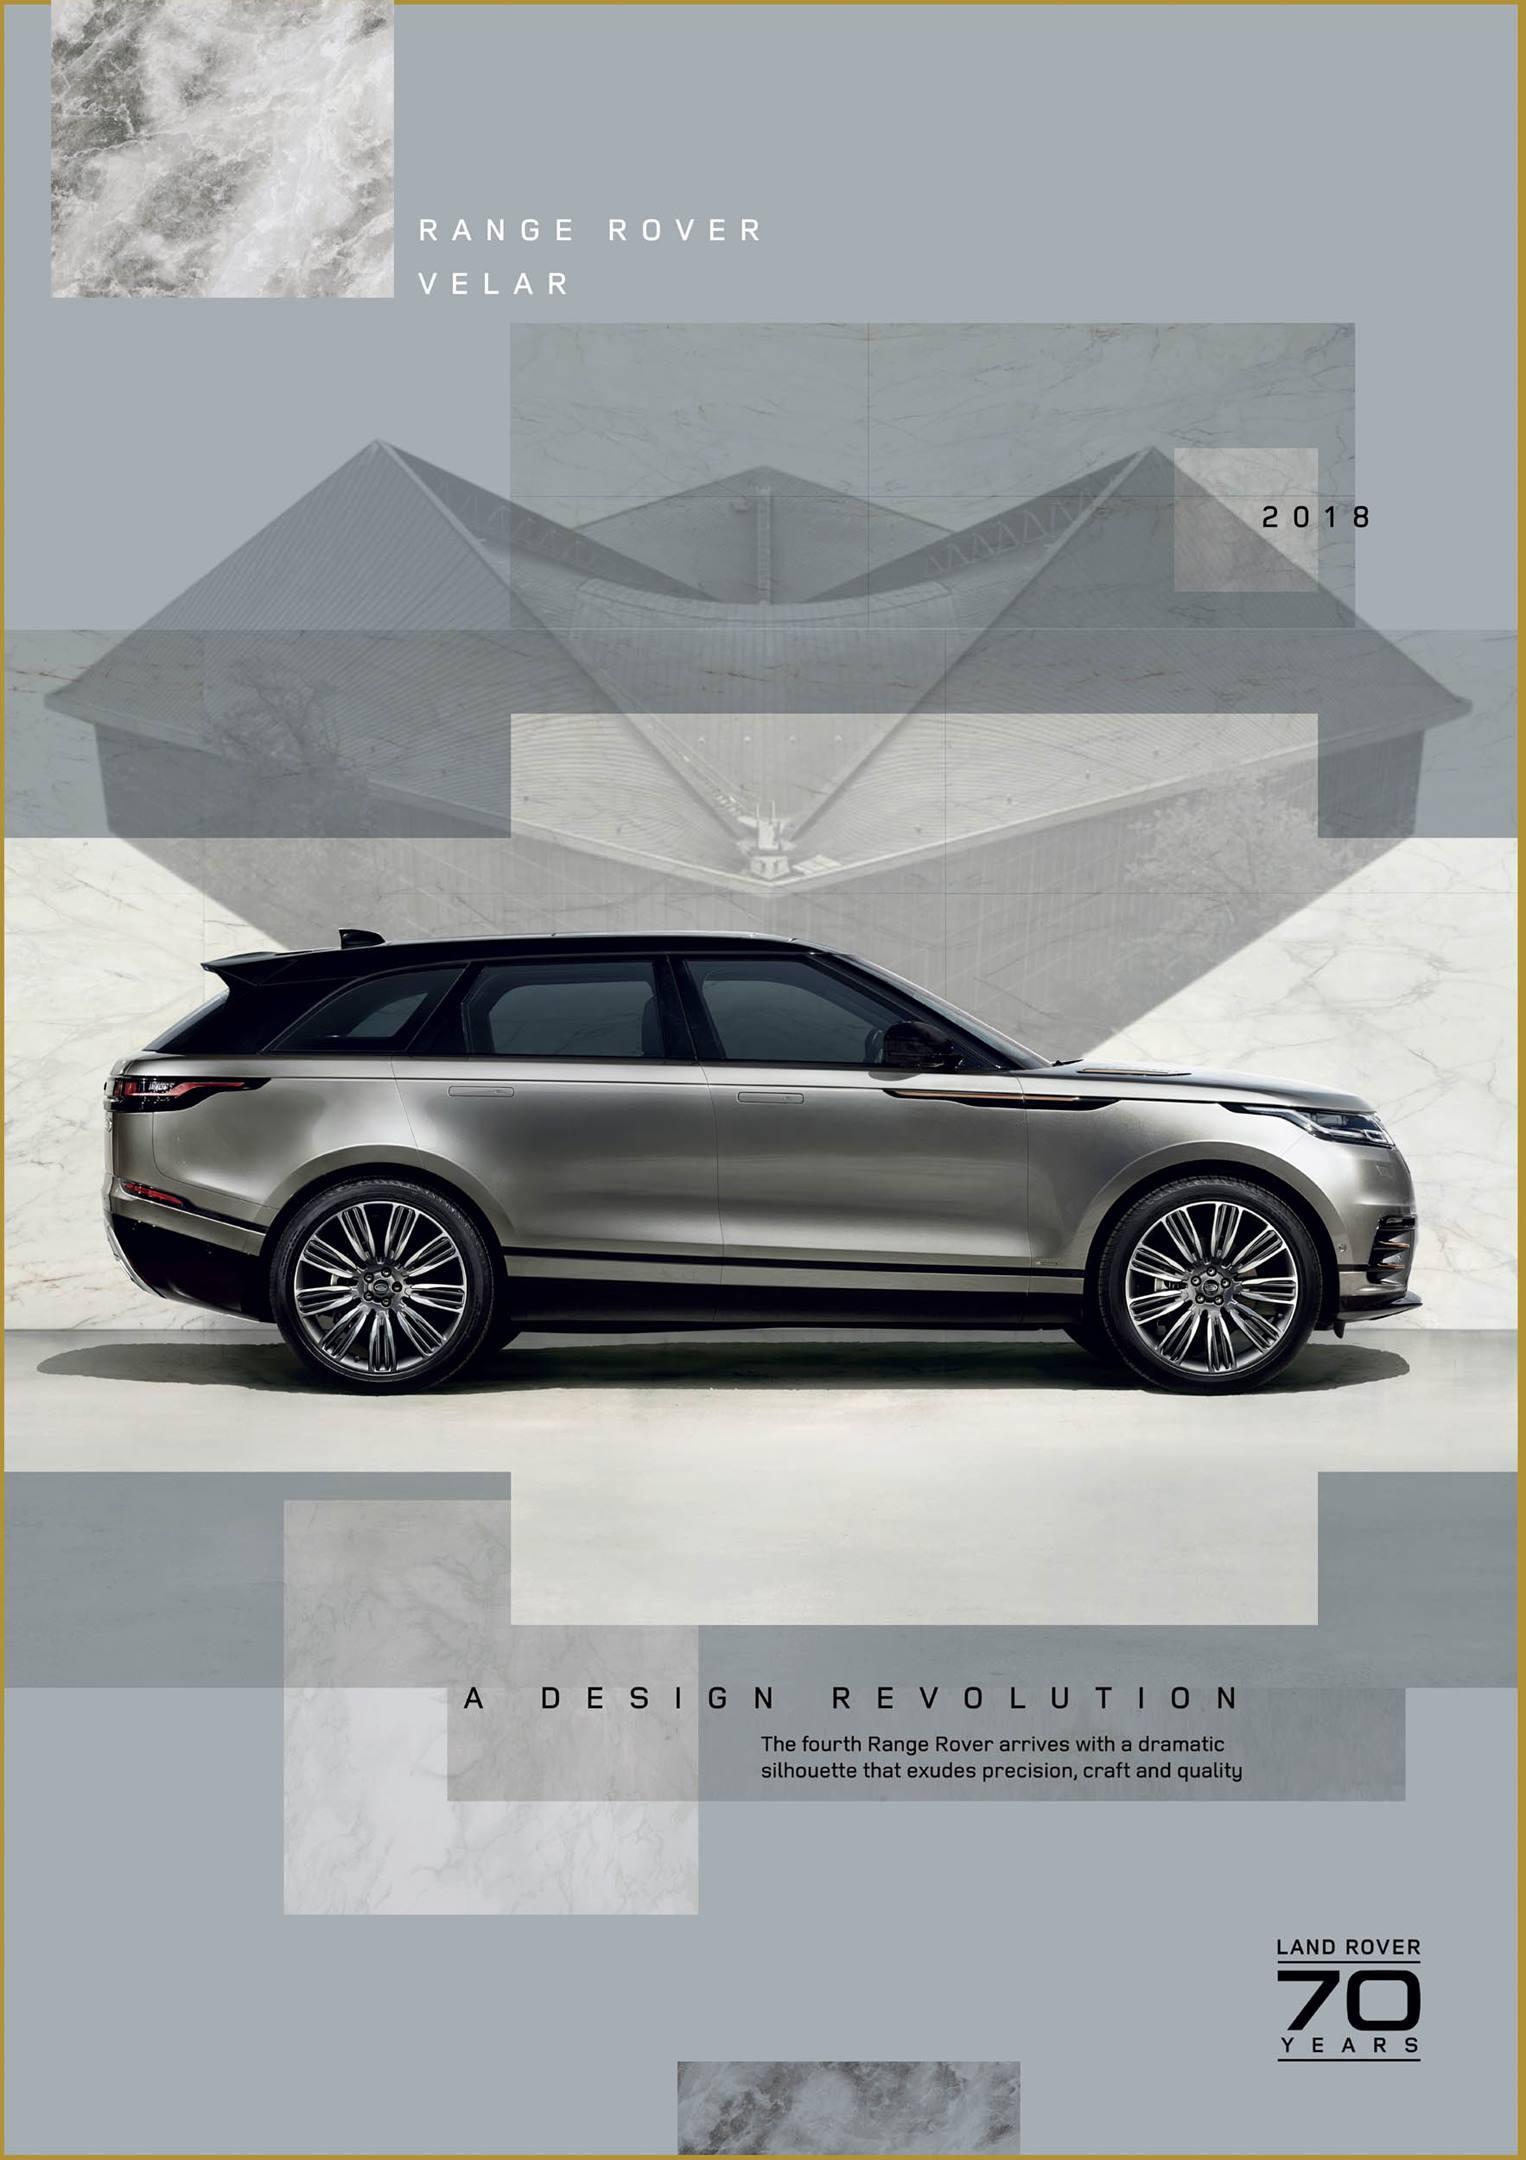 2018 Range Rover Velar poster